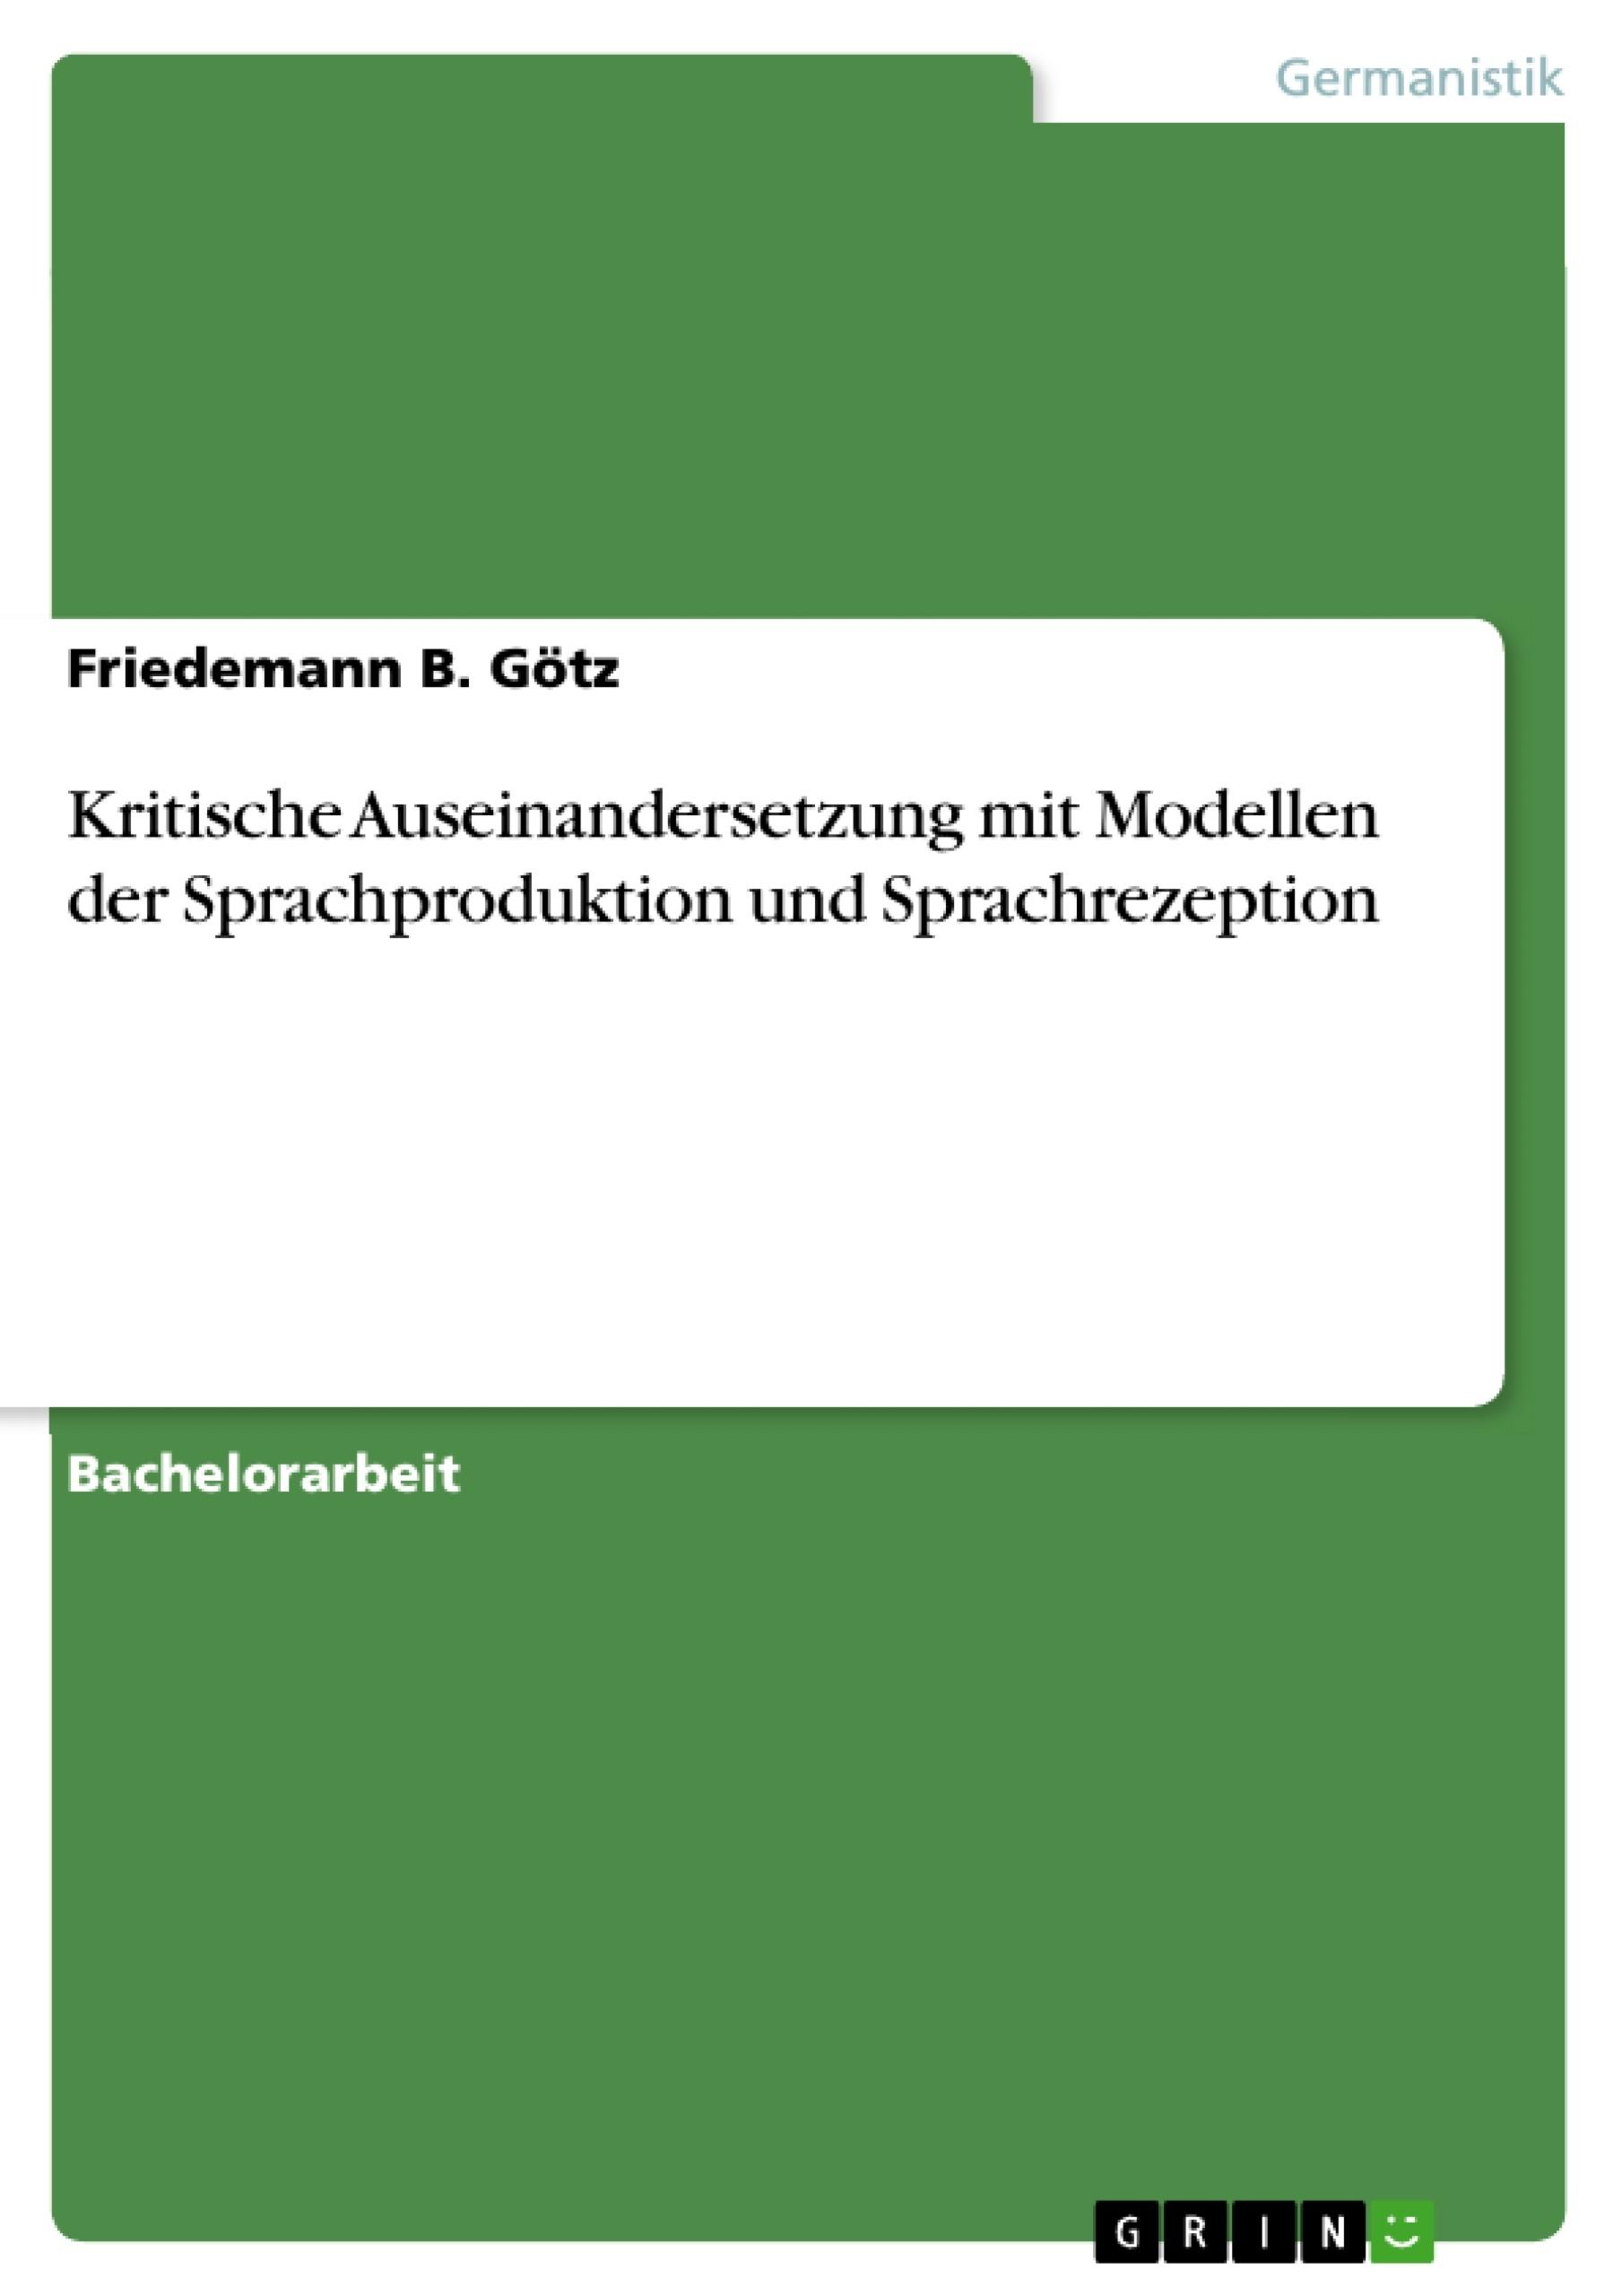 Titel: Kritische Auseinandersetzung mit Modellen der Sprachproduktion und Sprachrezeption